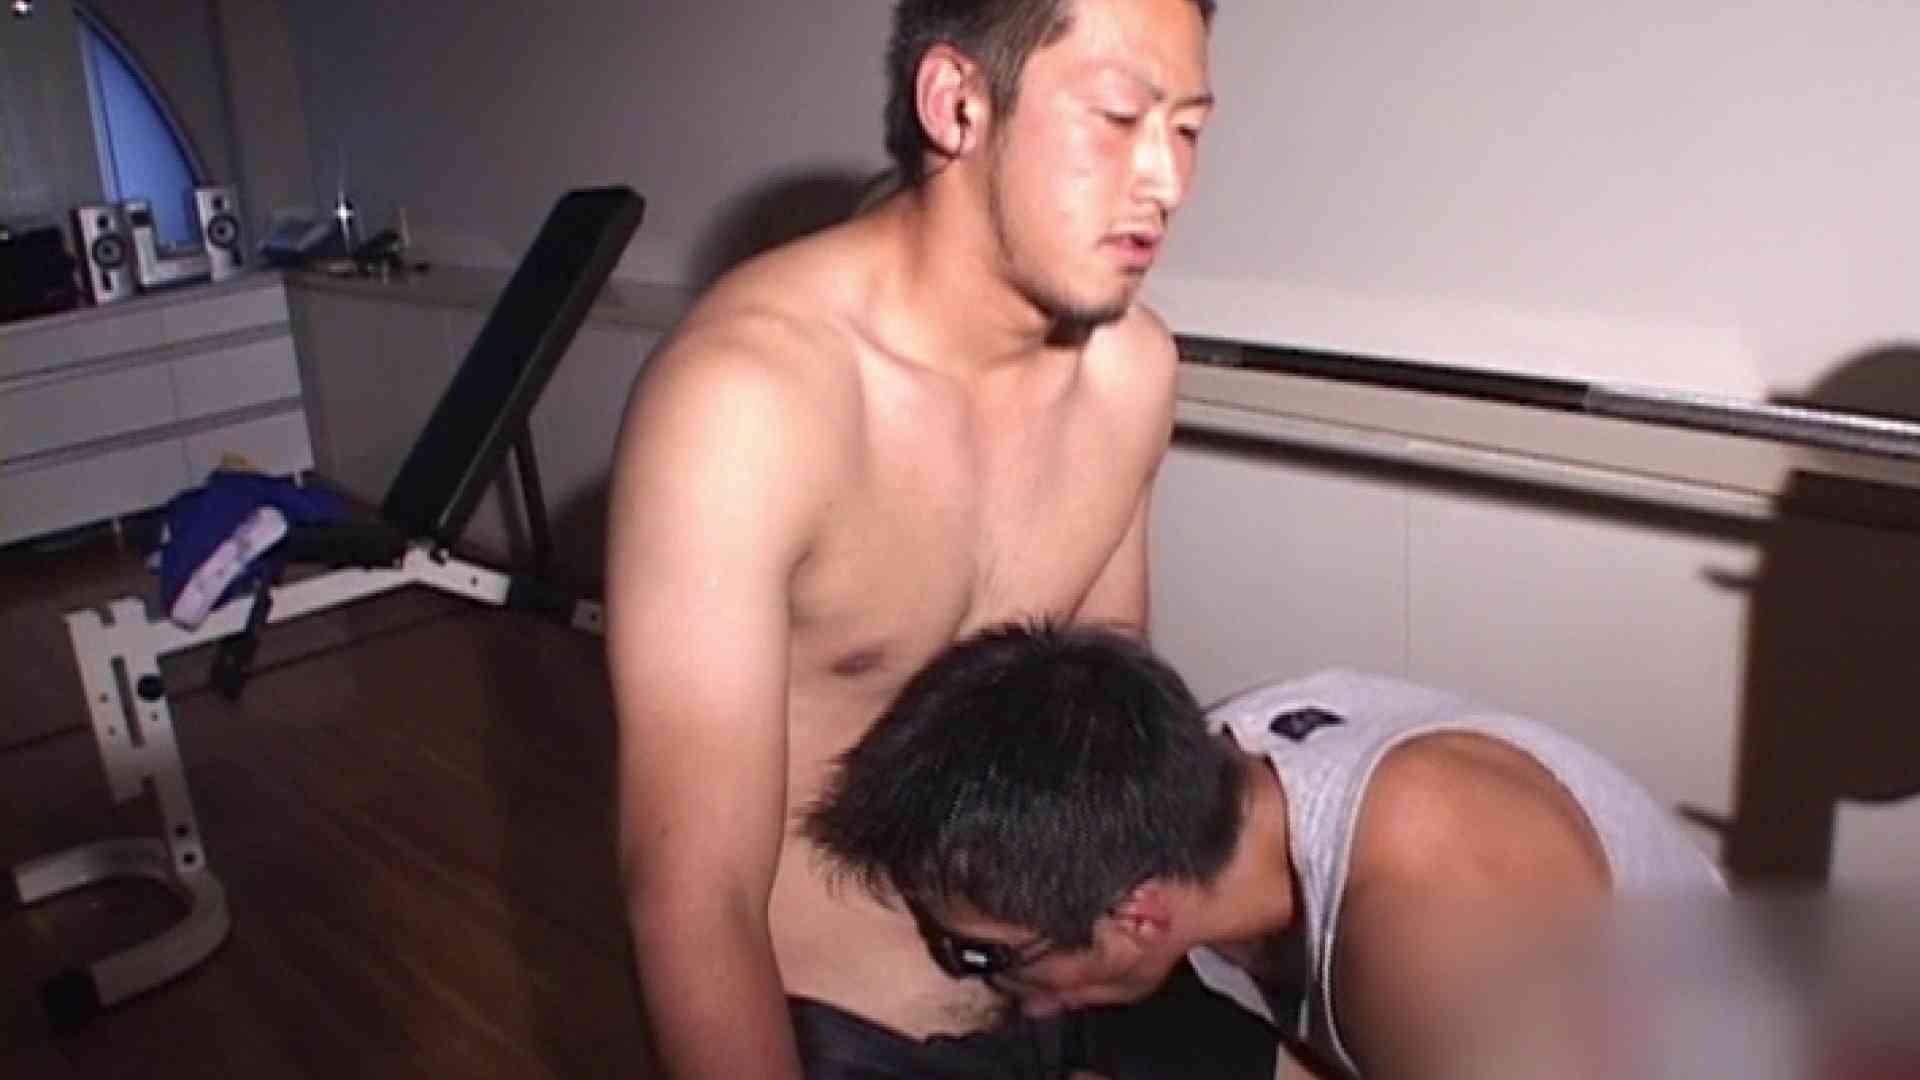 筋肉バカのおてぃんてぃんはほとんどゲイだからぁ…vol.1 フェラ男子 ゲイSEX画像 78連発 41